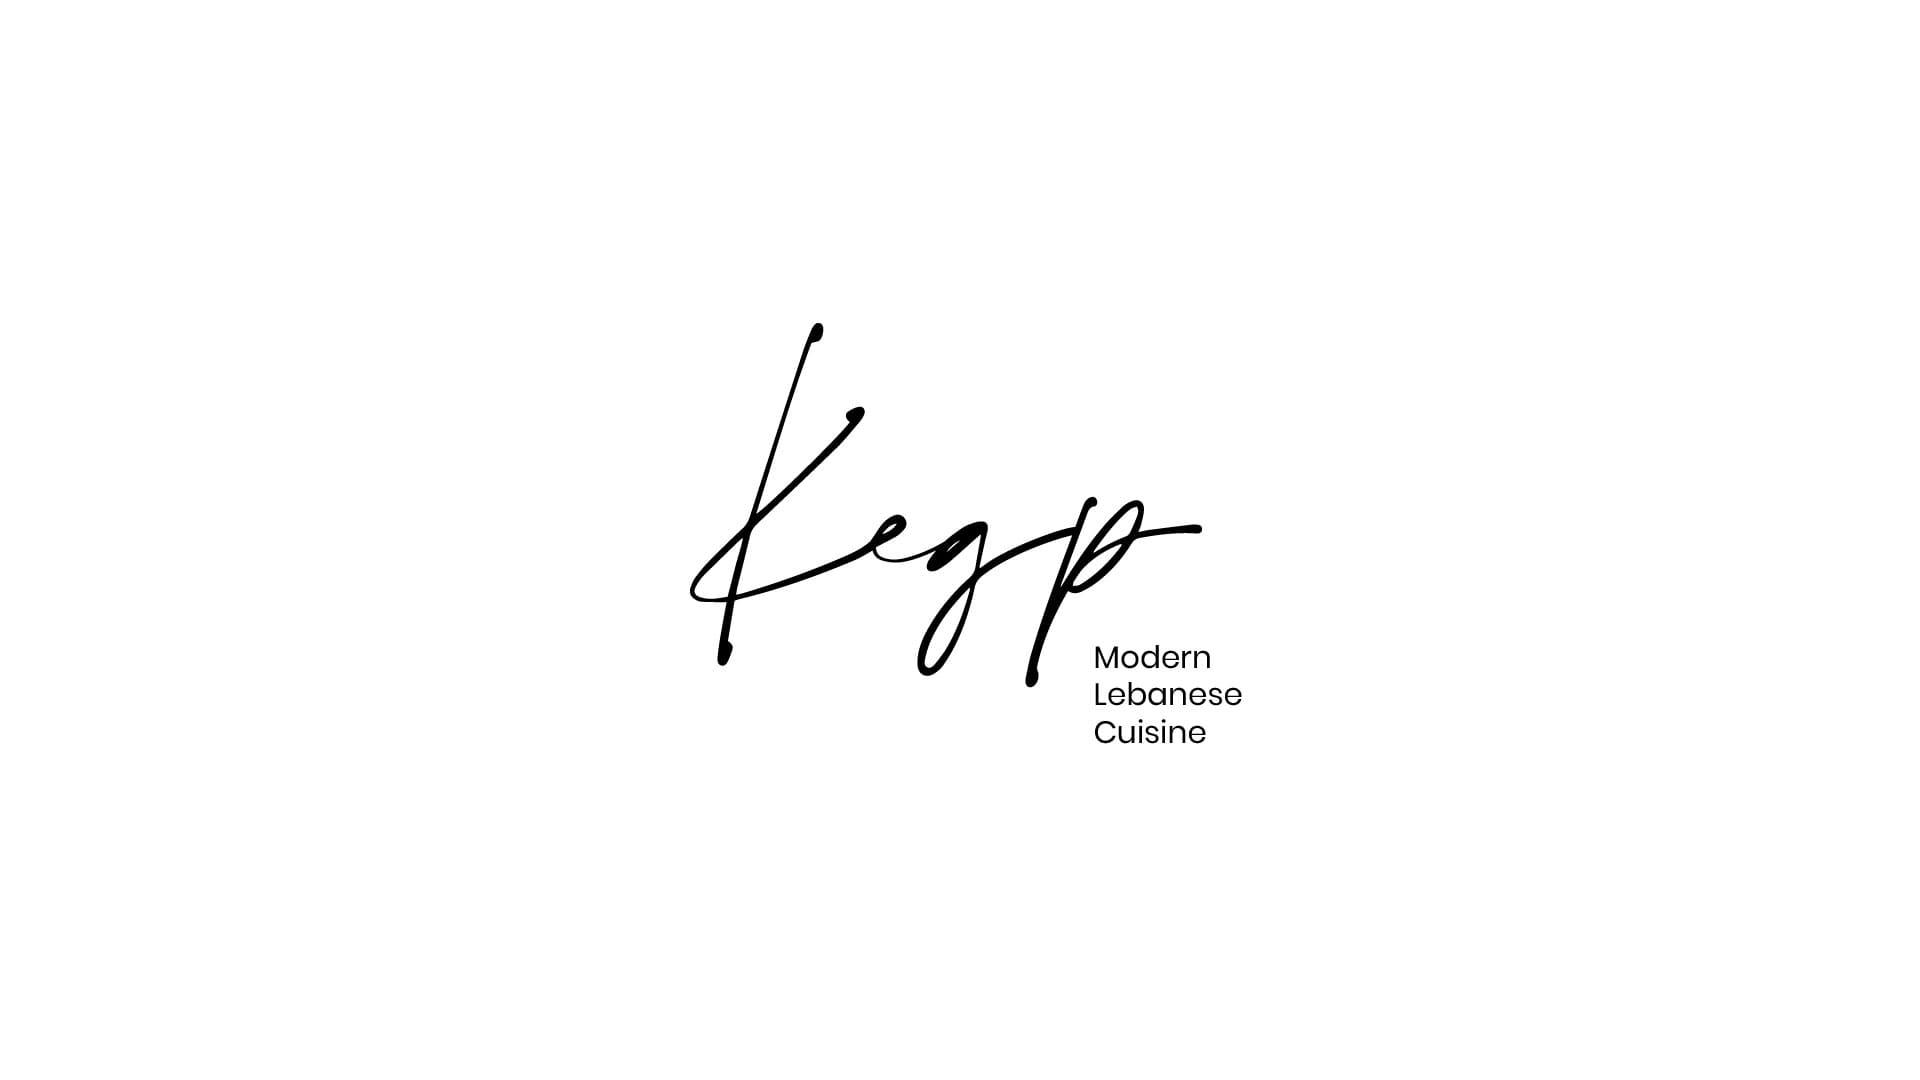 gra brand design kedr 1